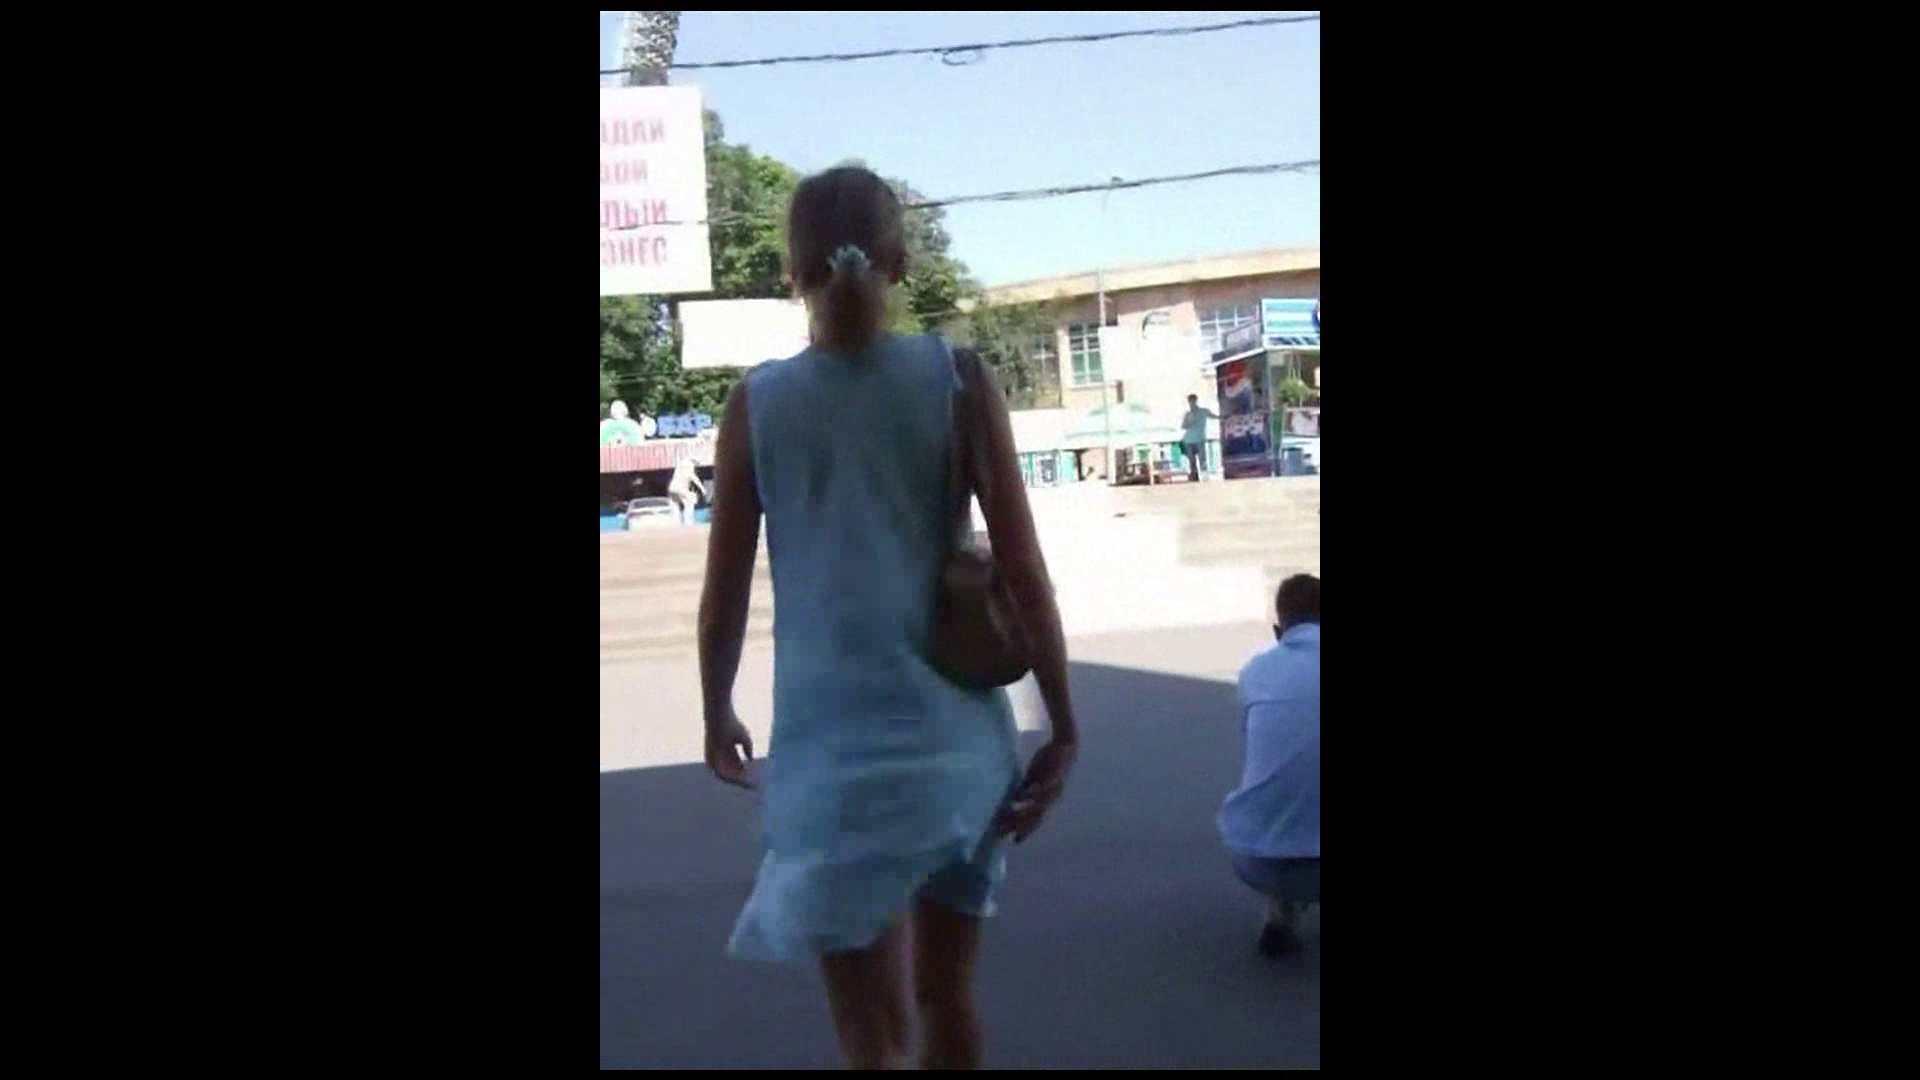 綺麗なモデルさんのスカート捲っちゃおう‼vol03 お姉さん   0  110画像 52